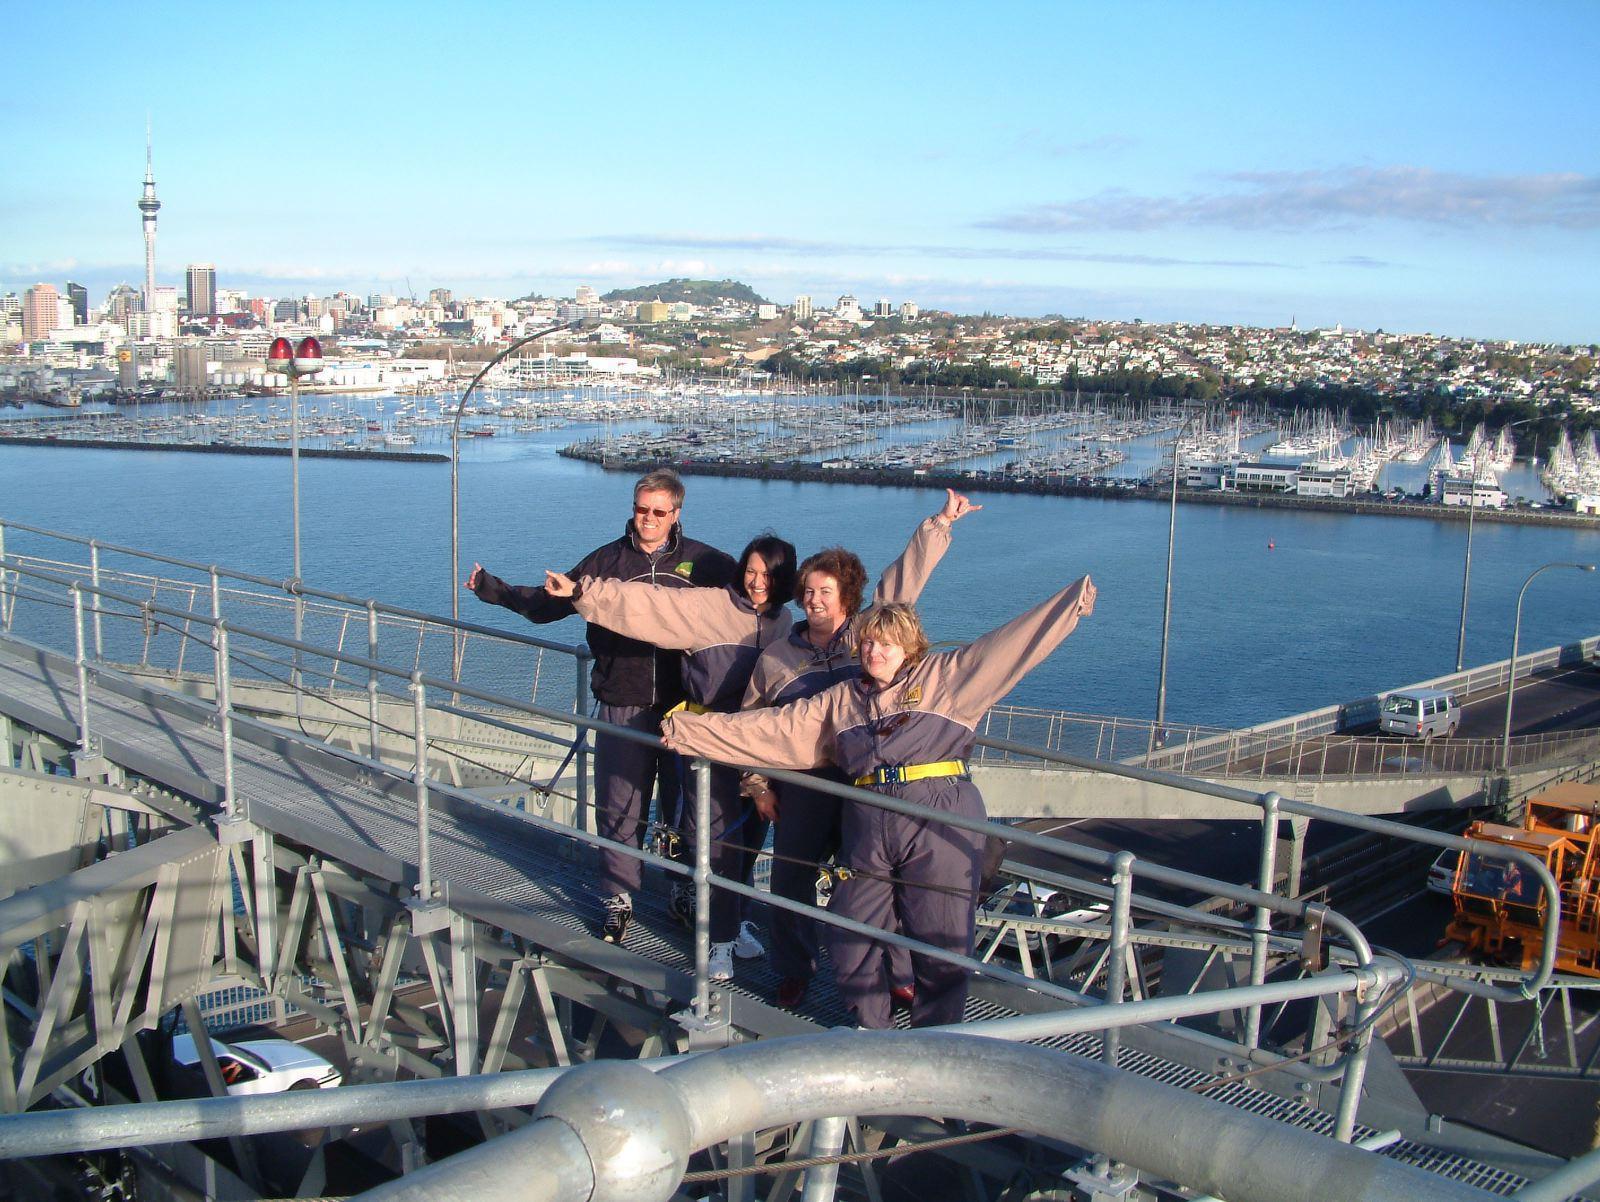 Primo Tours-gruppen kigger på at udvide sortimentet, for eksempel med oversøiske rejser. Her er det næsten så langt væk, som man kan komme fra Danmark, Auckland, den største by i New Zealand. Privatfoto.